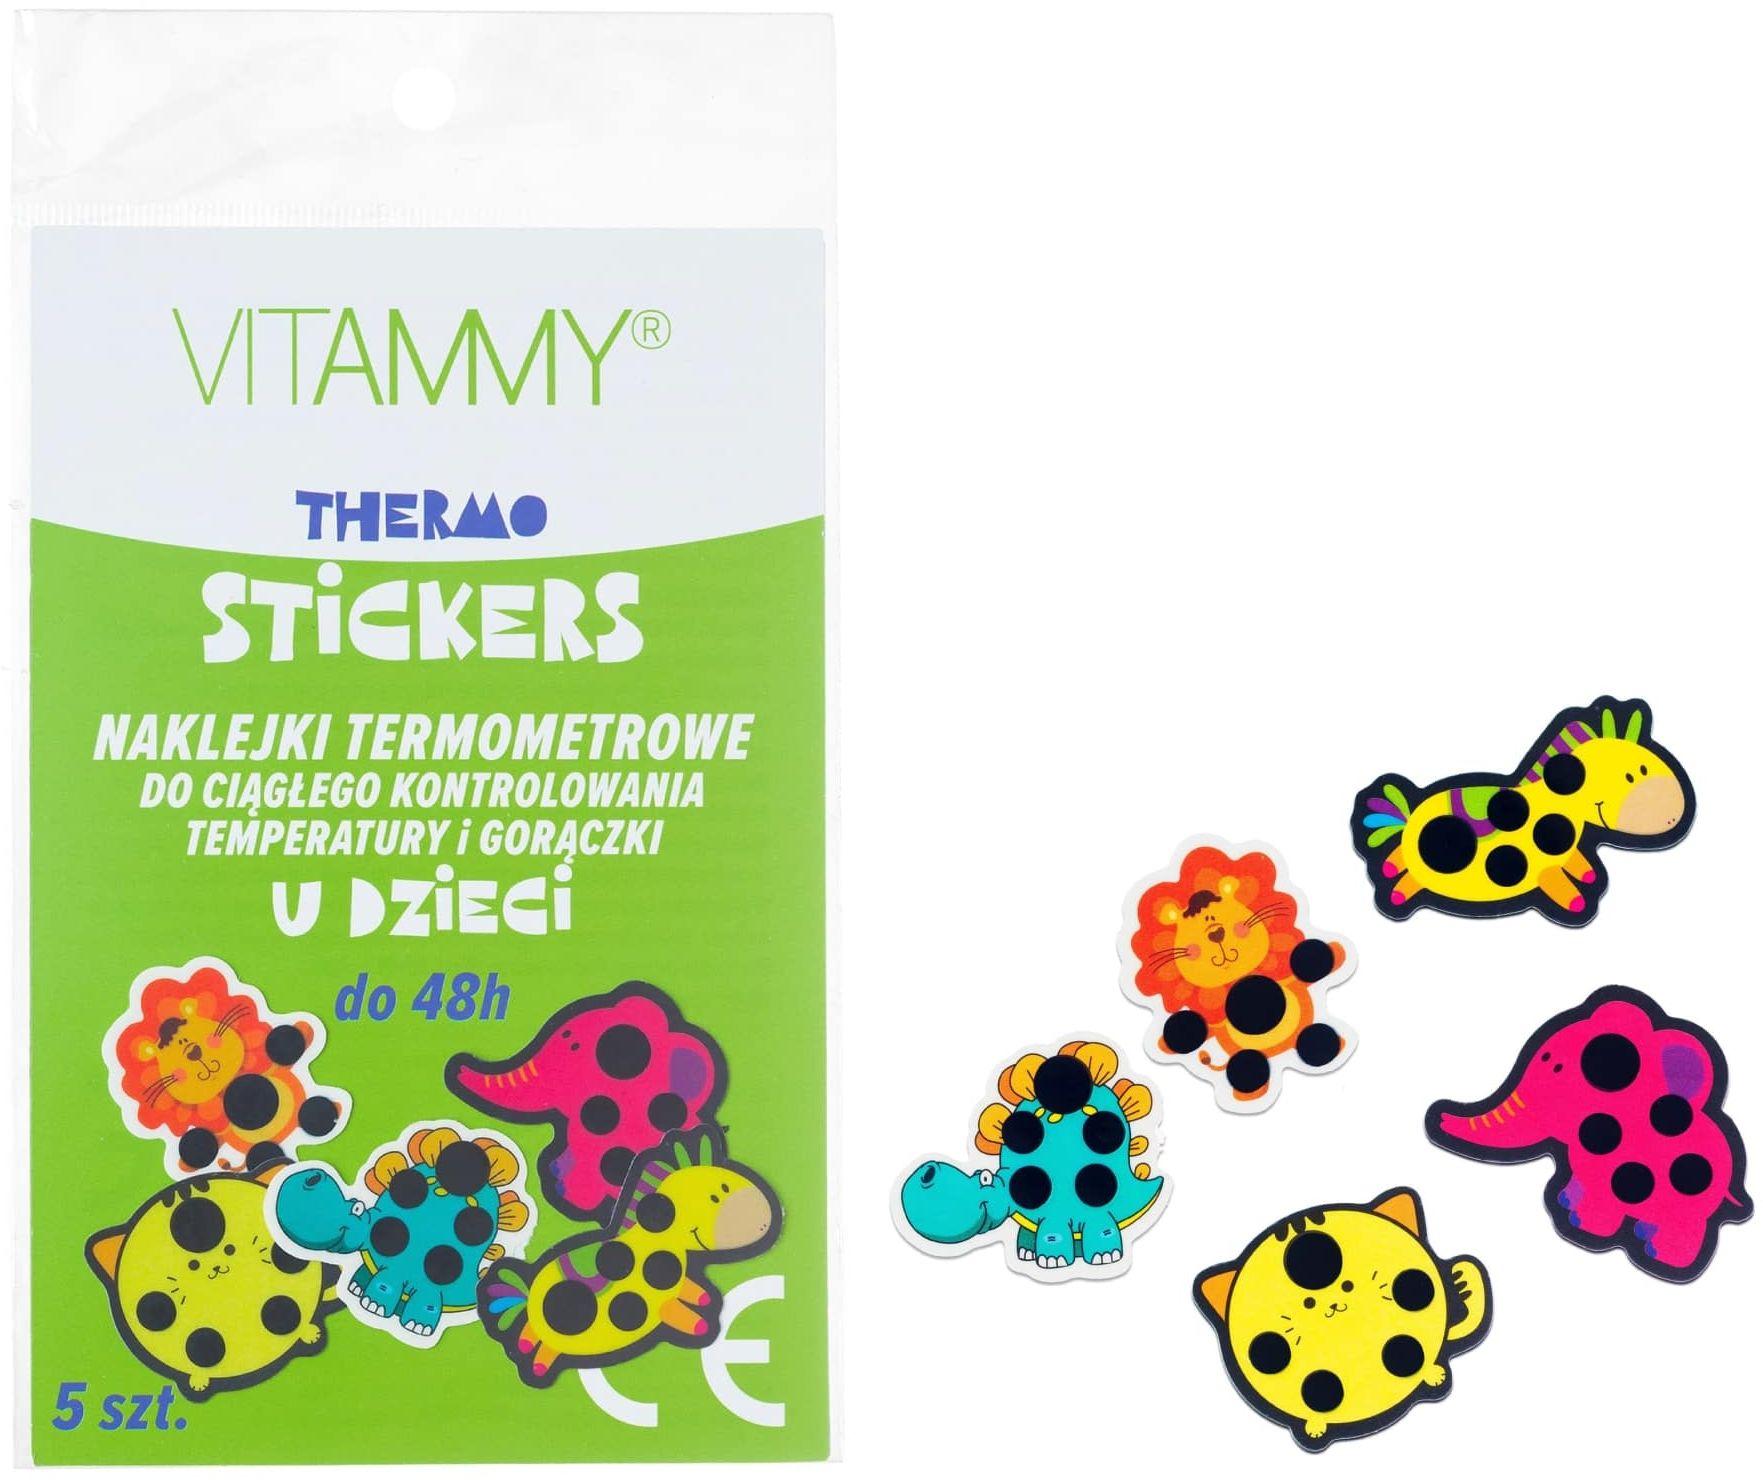 VITAMMY Thermo stickers Naklejki termometrowe do ciągłego monitorowania gorączki i temperatury u dzieci - zestaw 5 wzorów